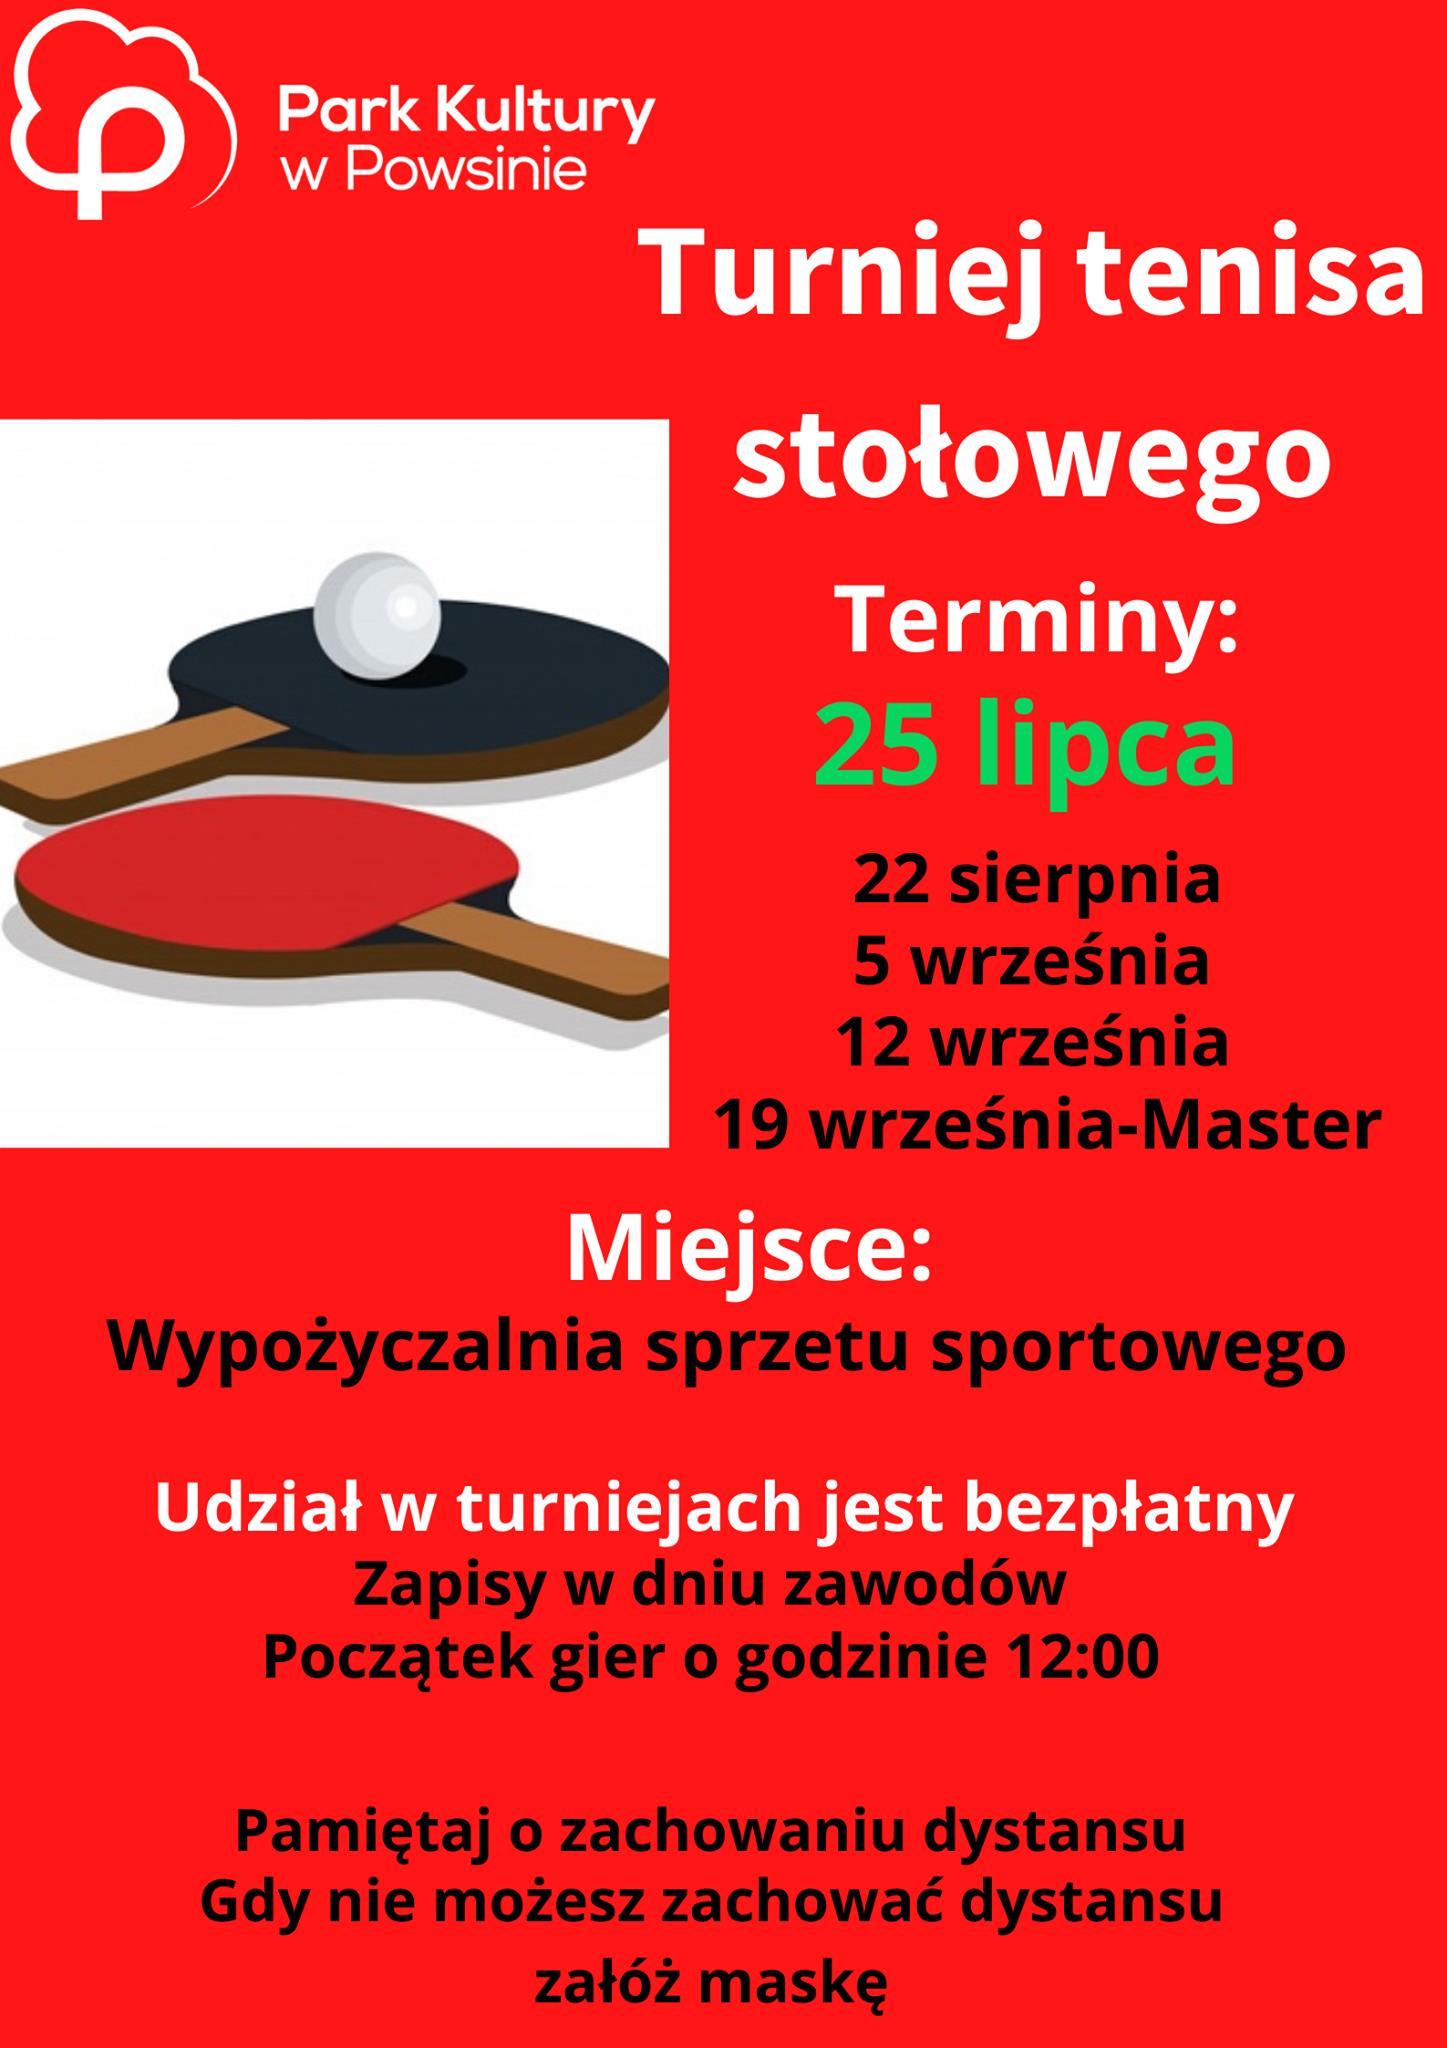 Plakat turnieju Cykl turniejów w tenisie stołowym w Parku Kultury w Powsinie 2020 - 3 termin